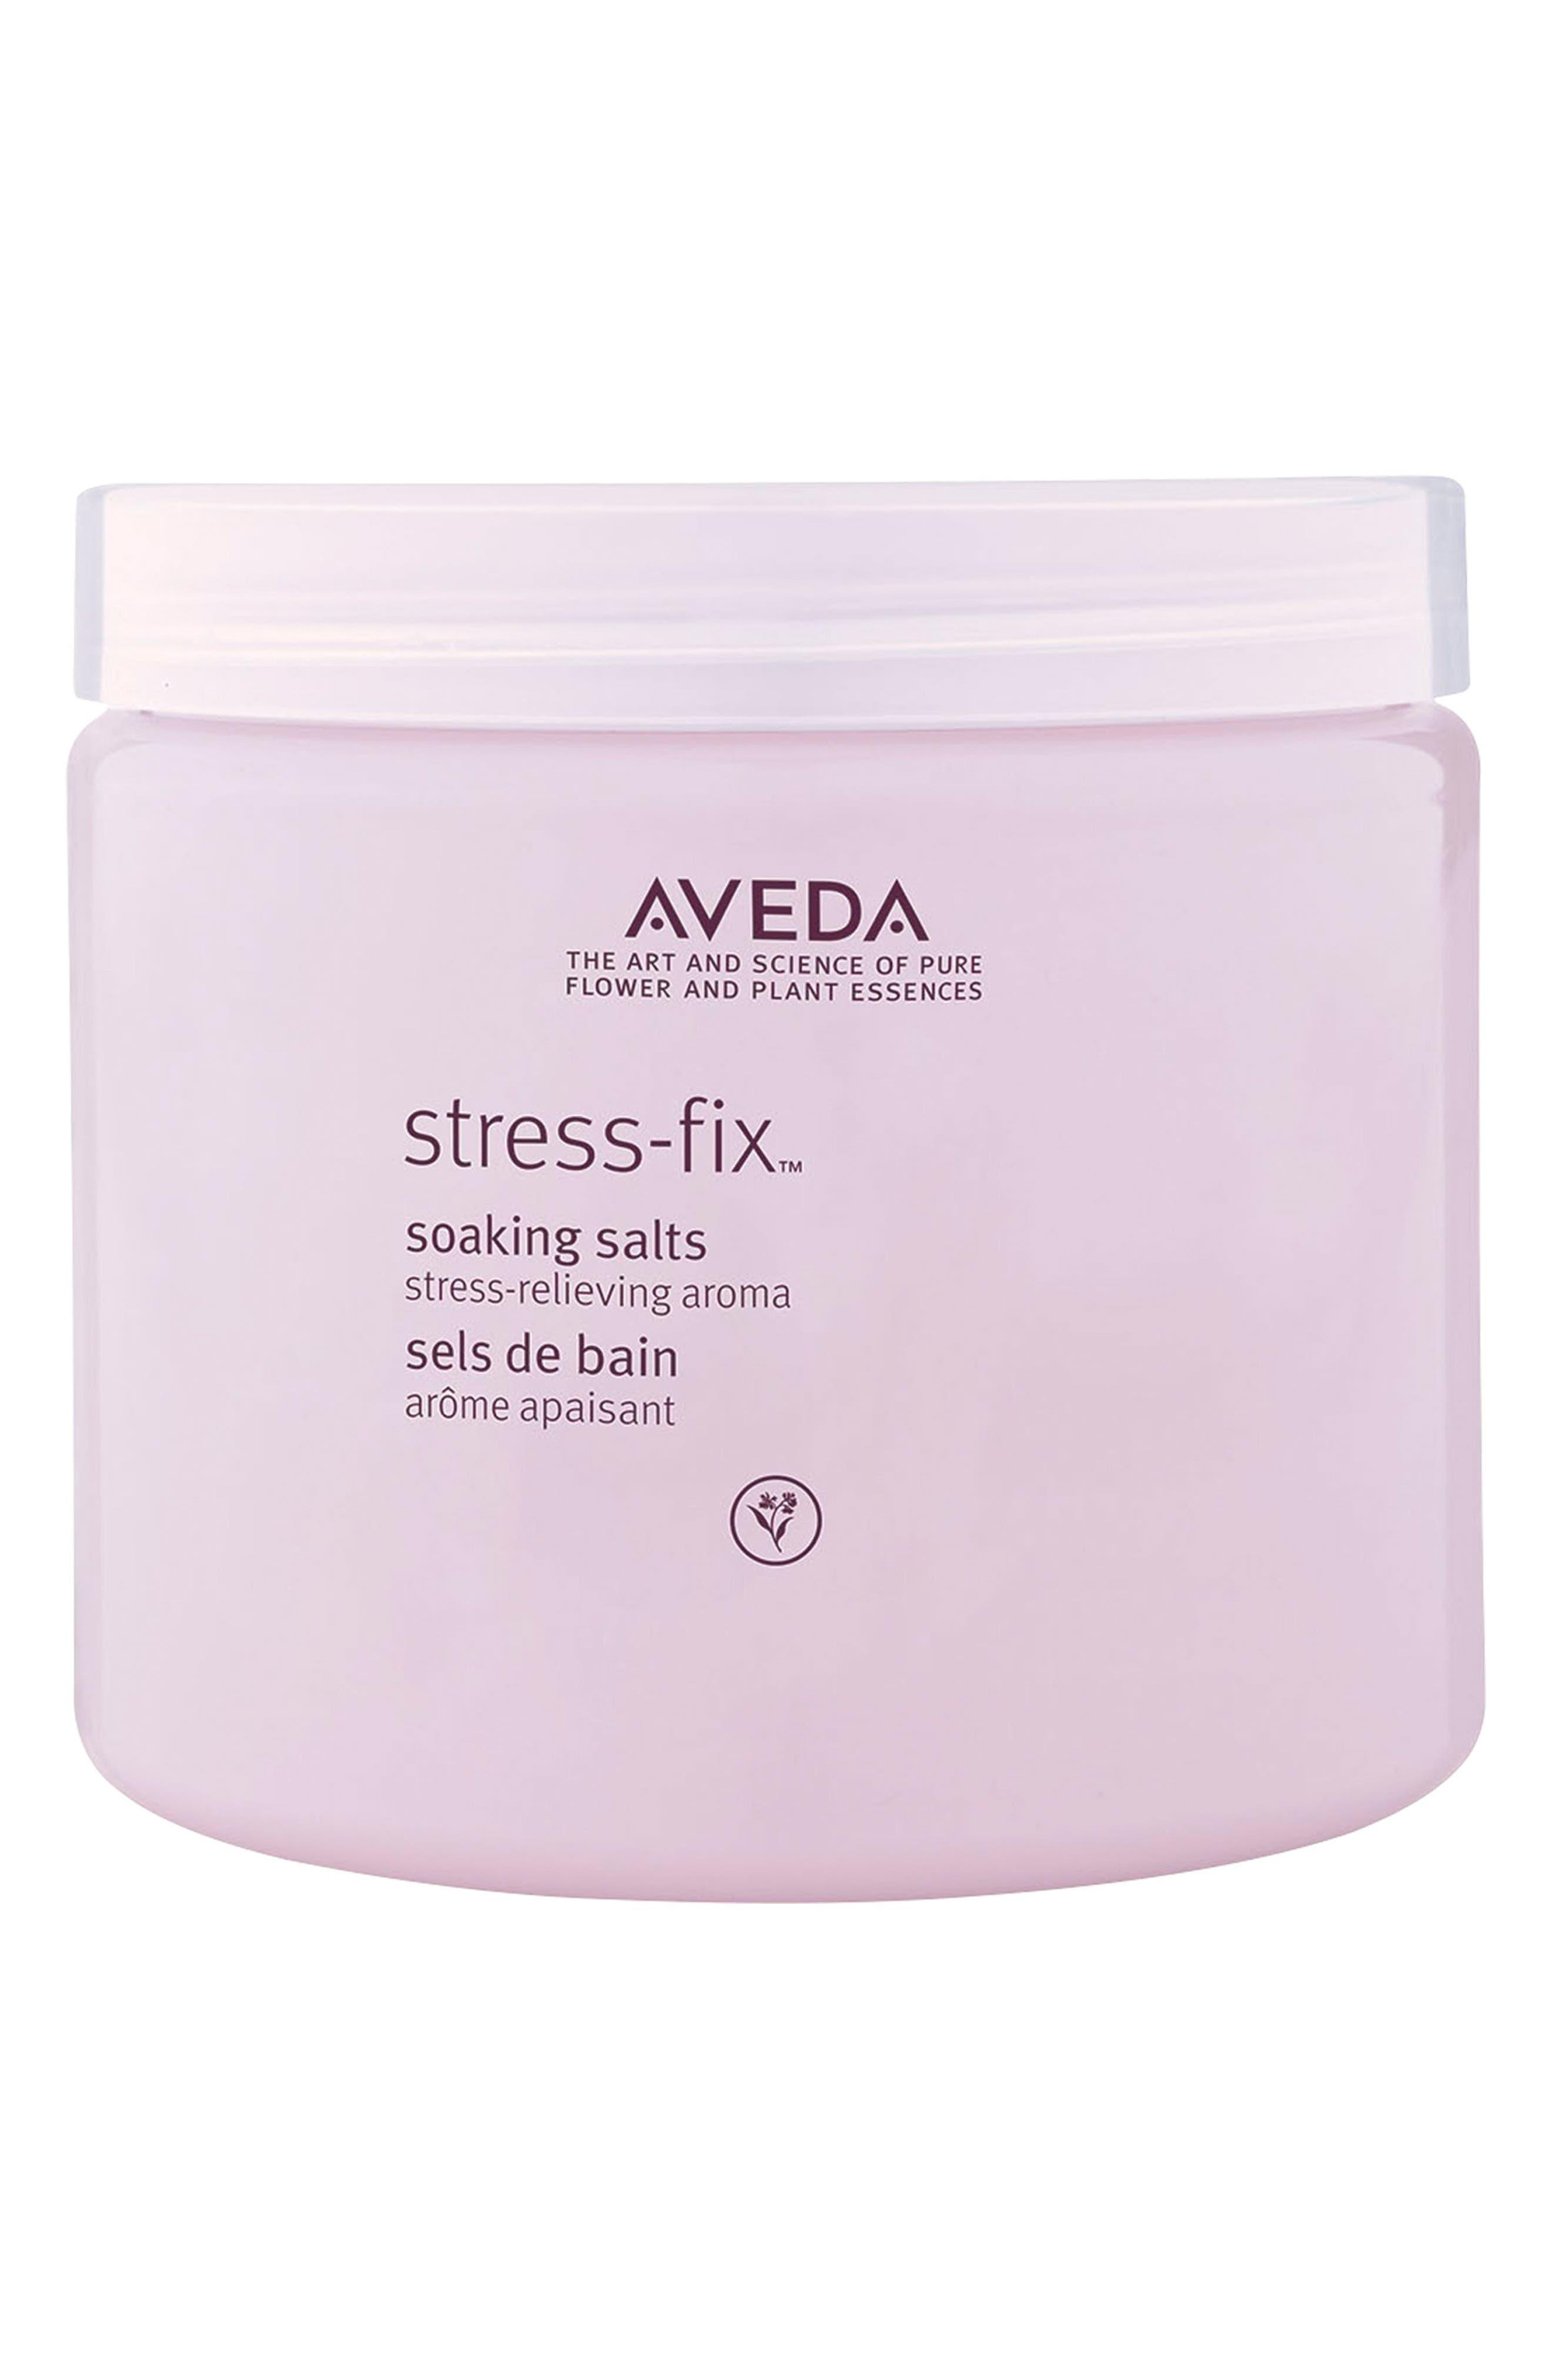 Aveda 'stress-fix™' Soaking Salts